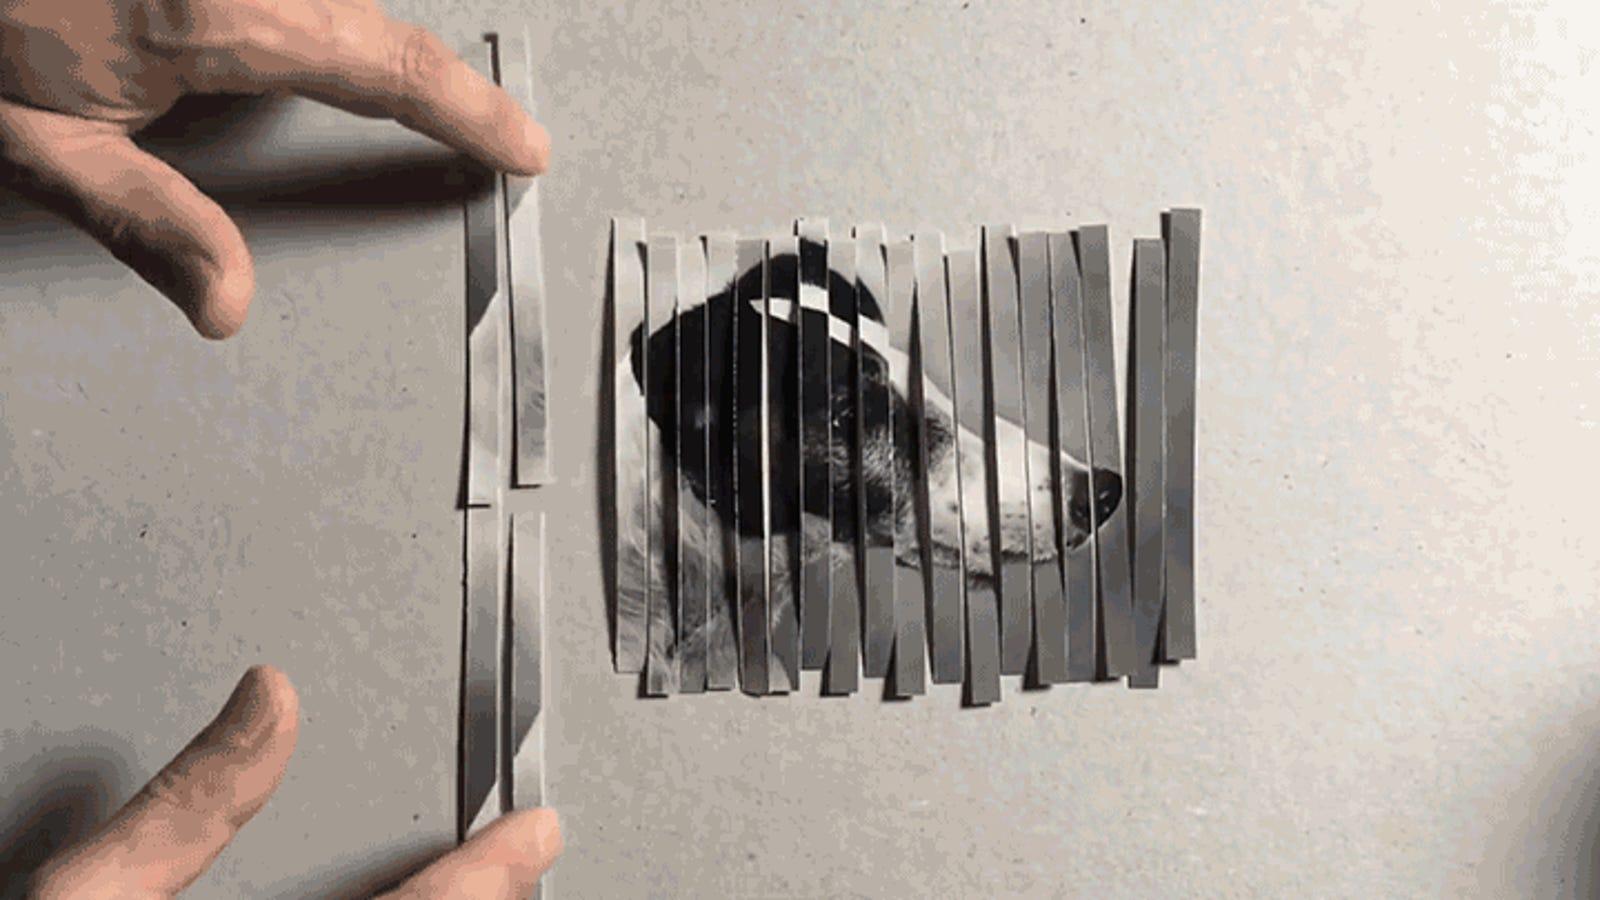 Esta ilusión óptica multiplica perros como por arte de magia y además te enseña cómo funciona Photoshop